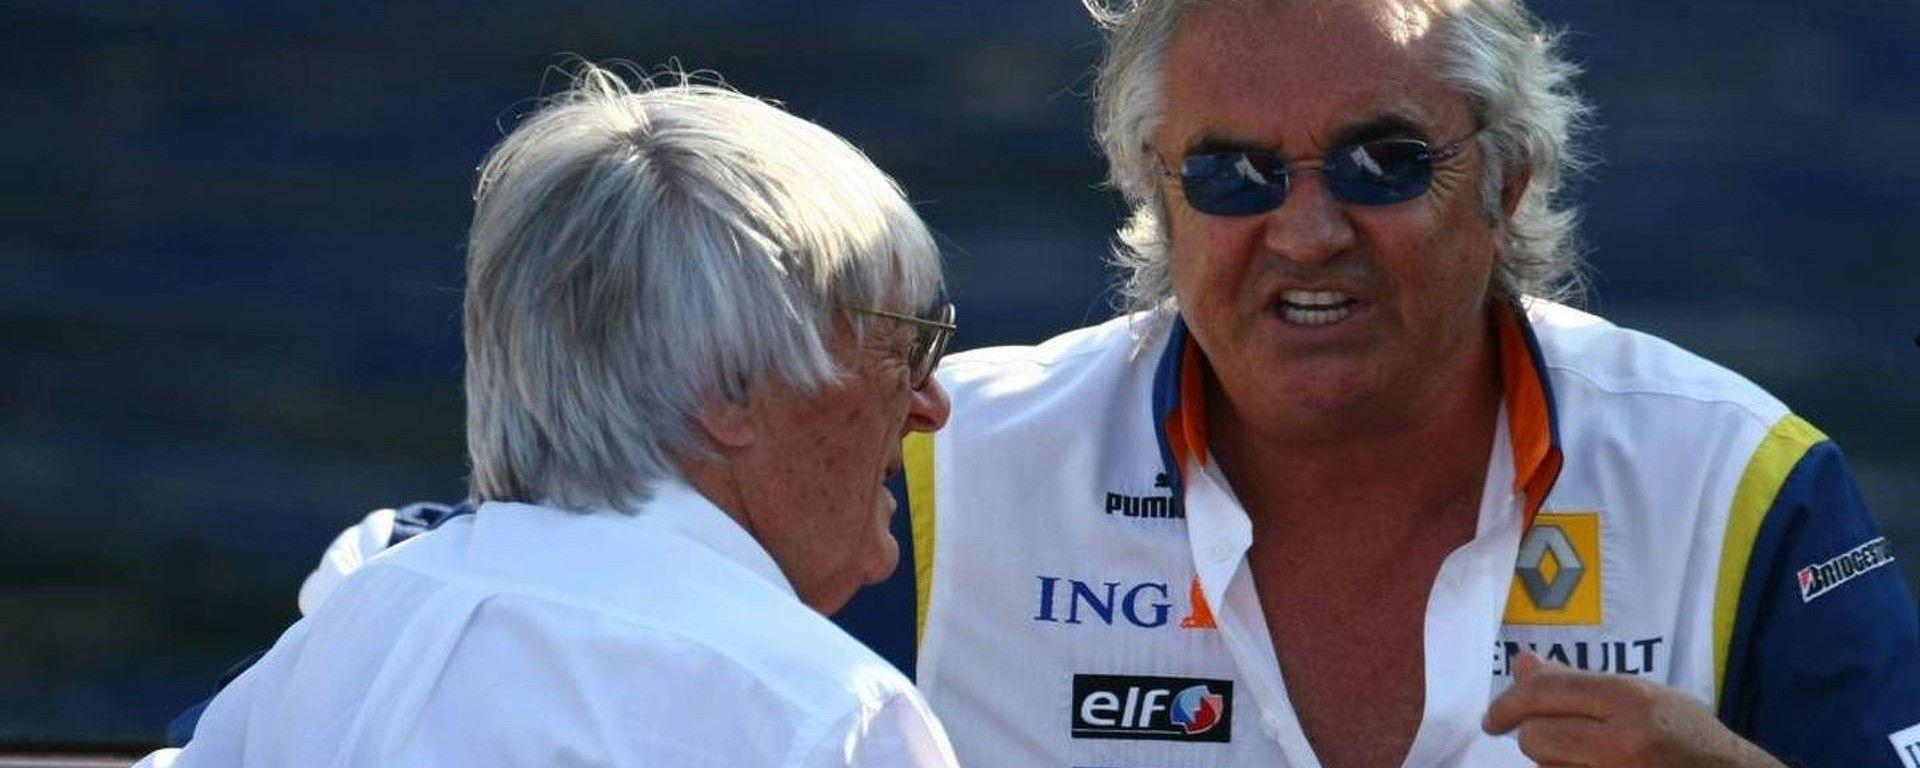 Bernie Ecclestone e Flavio Briatore